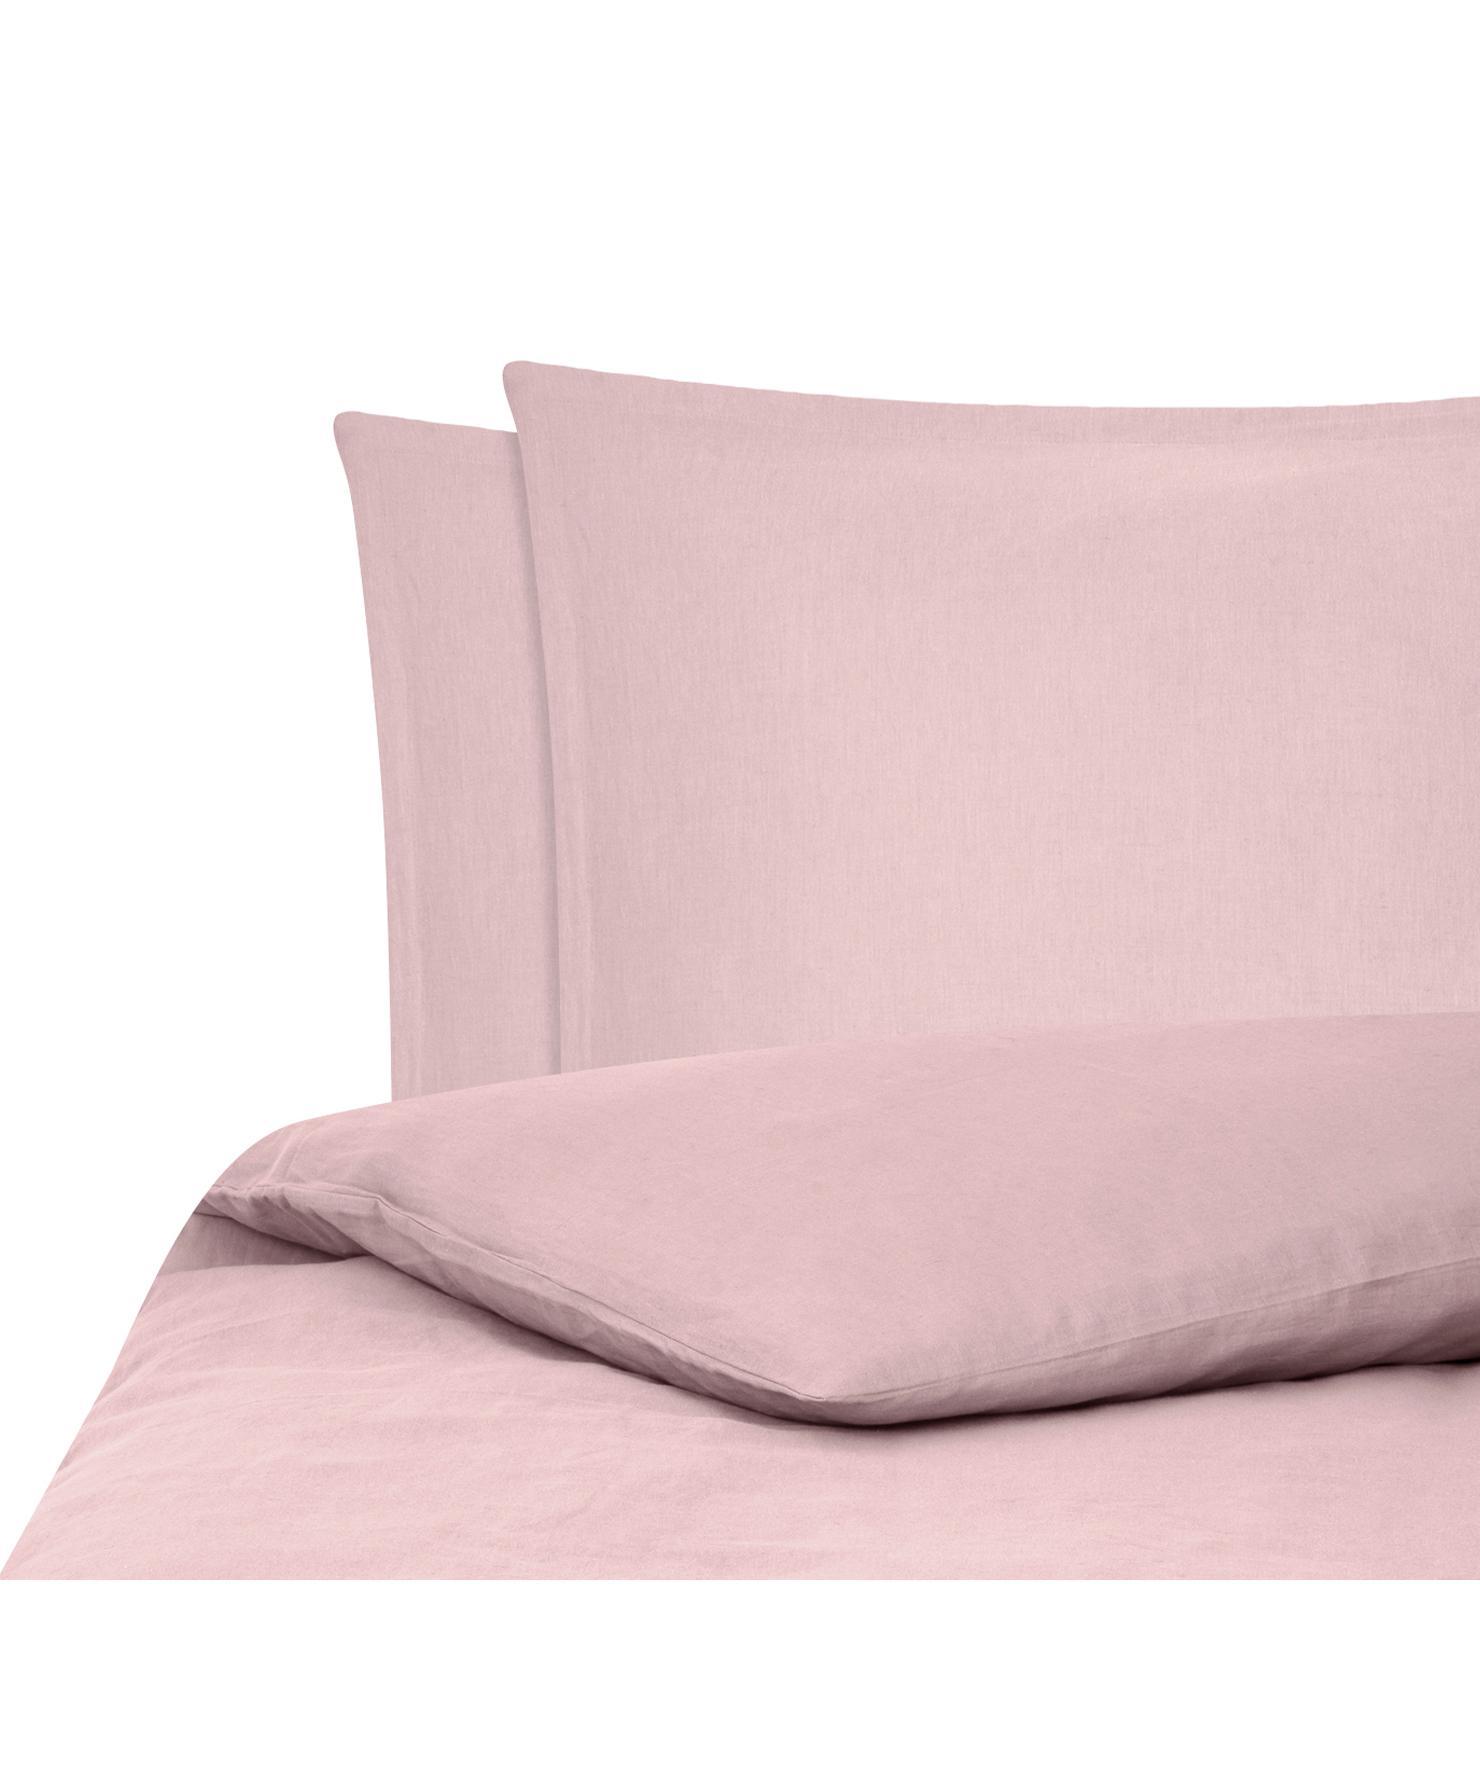 Pościel z lnu z efektem sprania Nature, Blady różowy, 240 x 220 cm